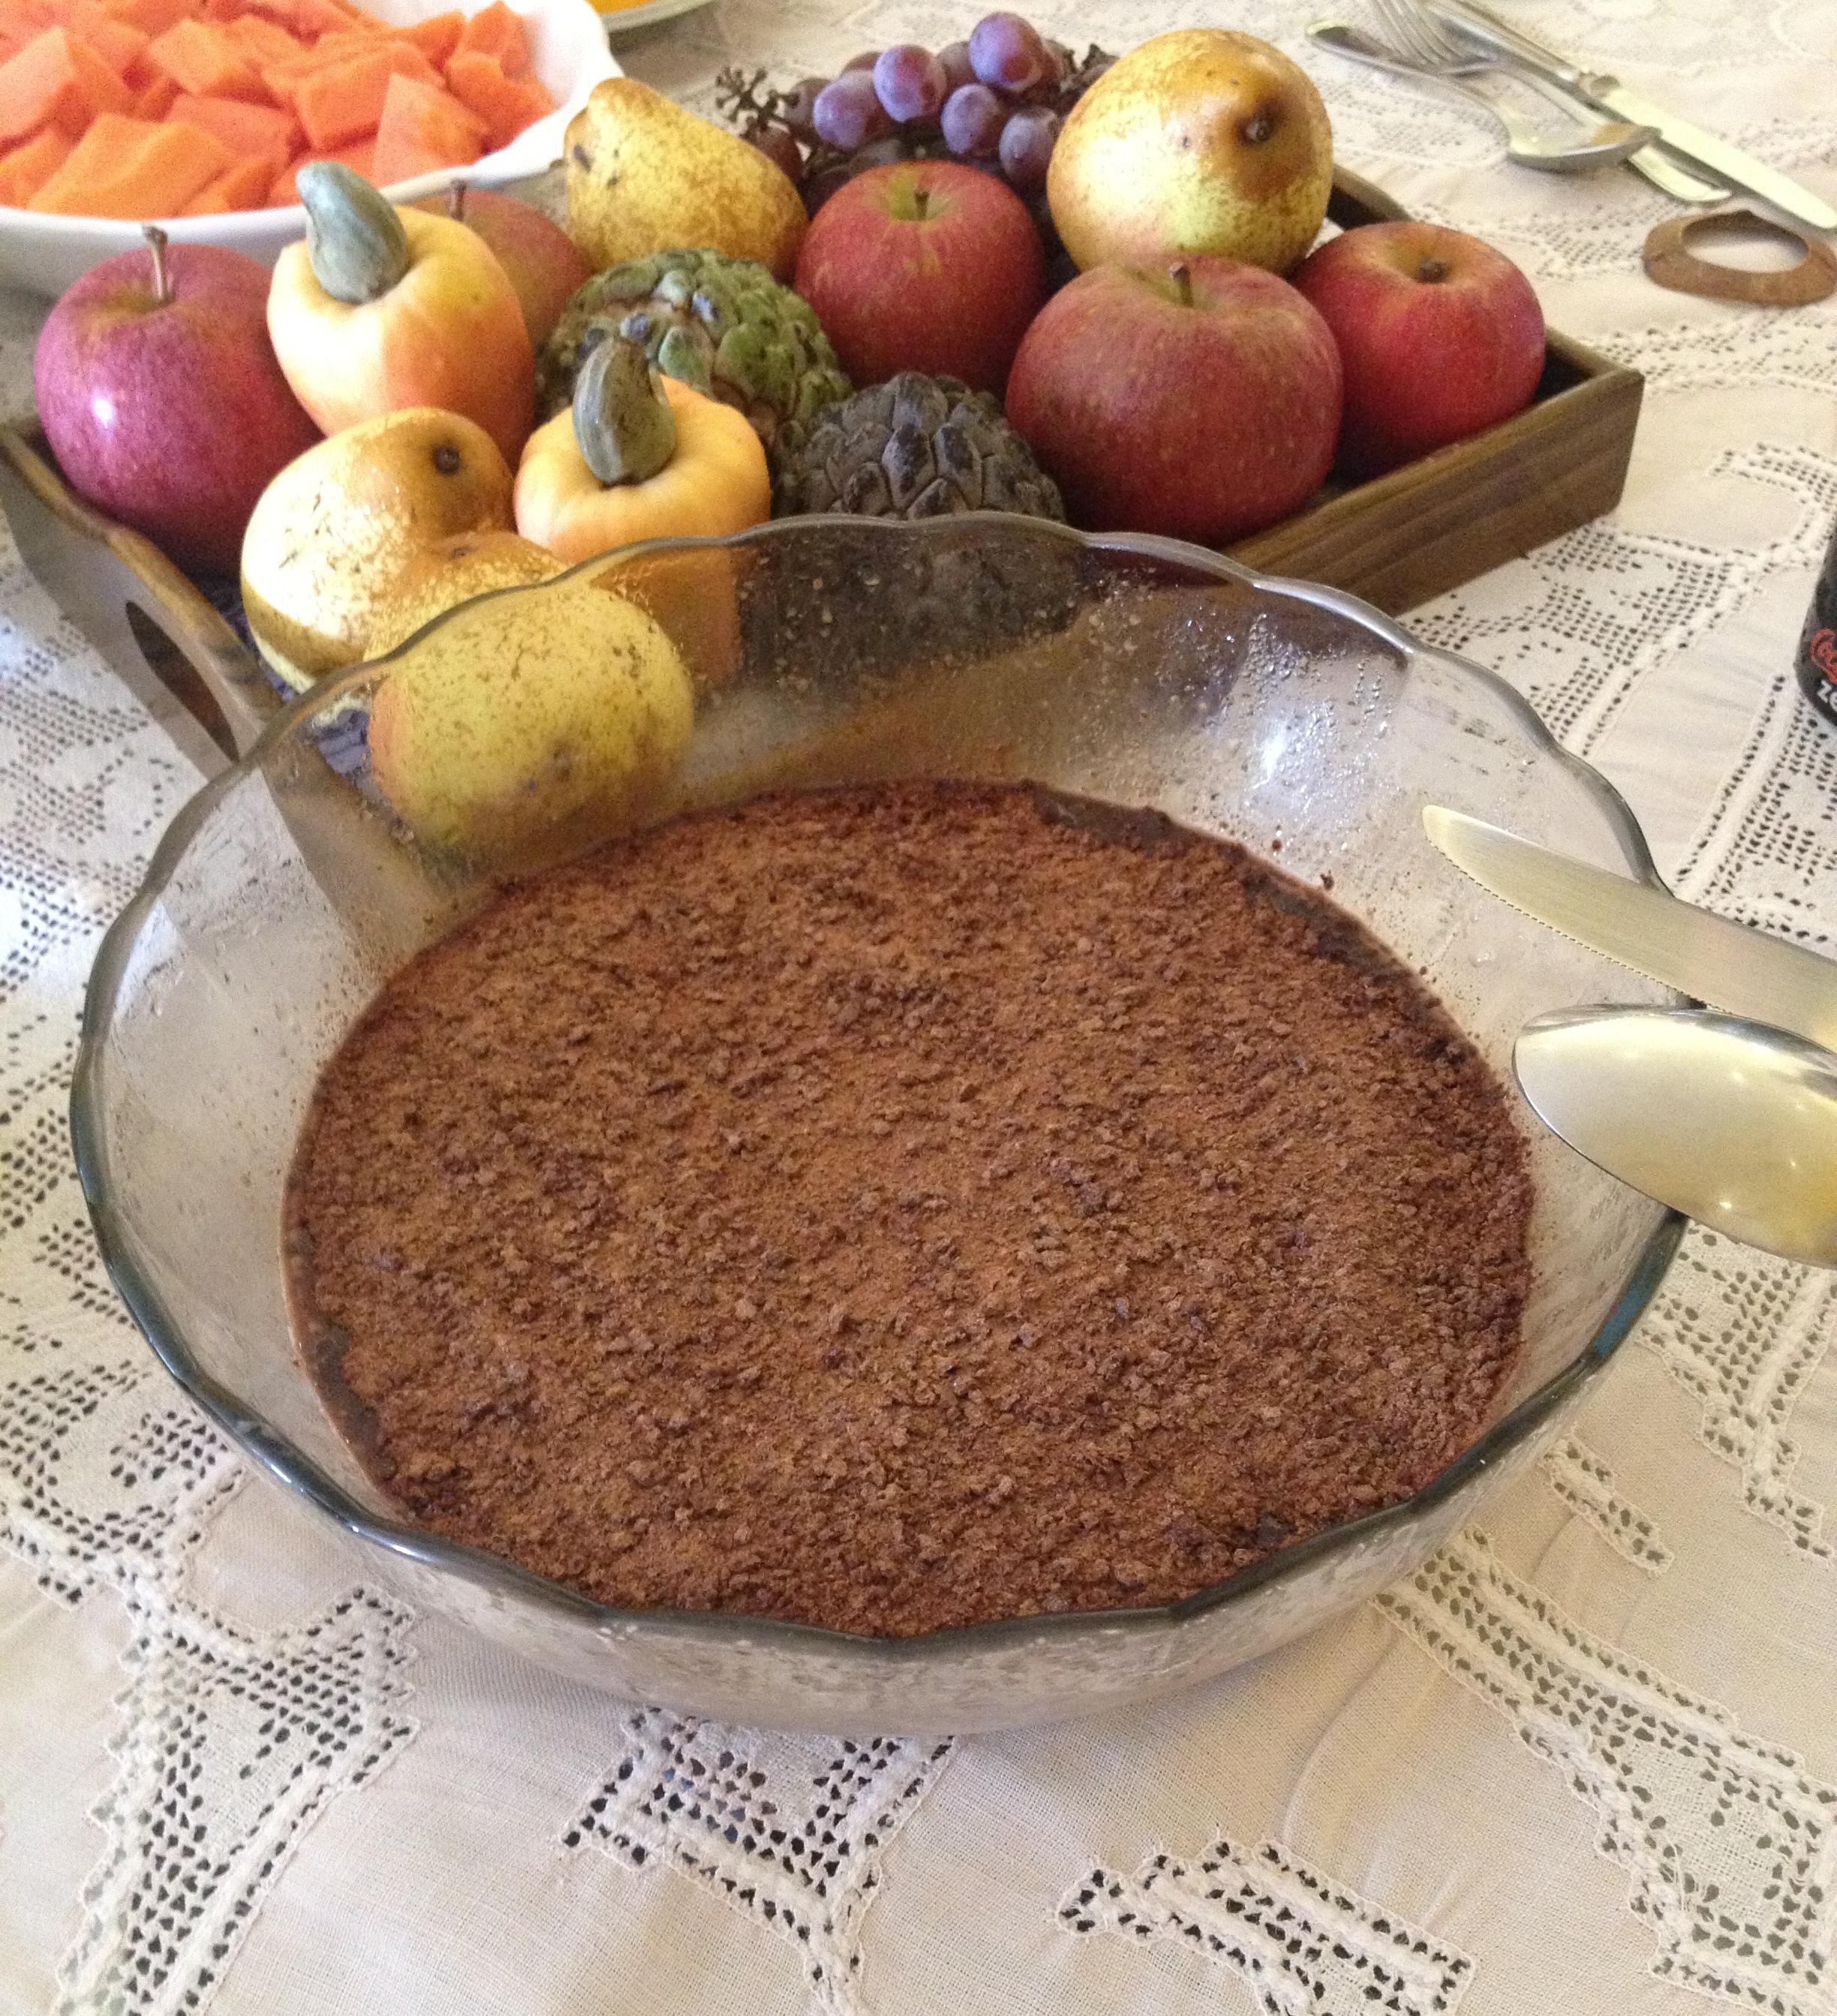 Receita-gastronomia-culinária-cozinha-Blog-da-Lari-Duarte-.com-brigadeiro-com-ovomaltine-como-fazer-?